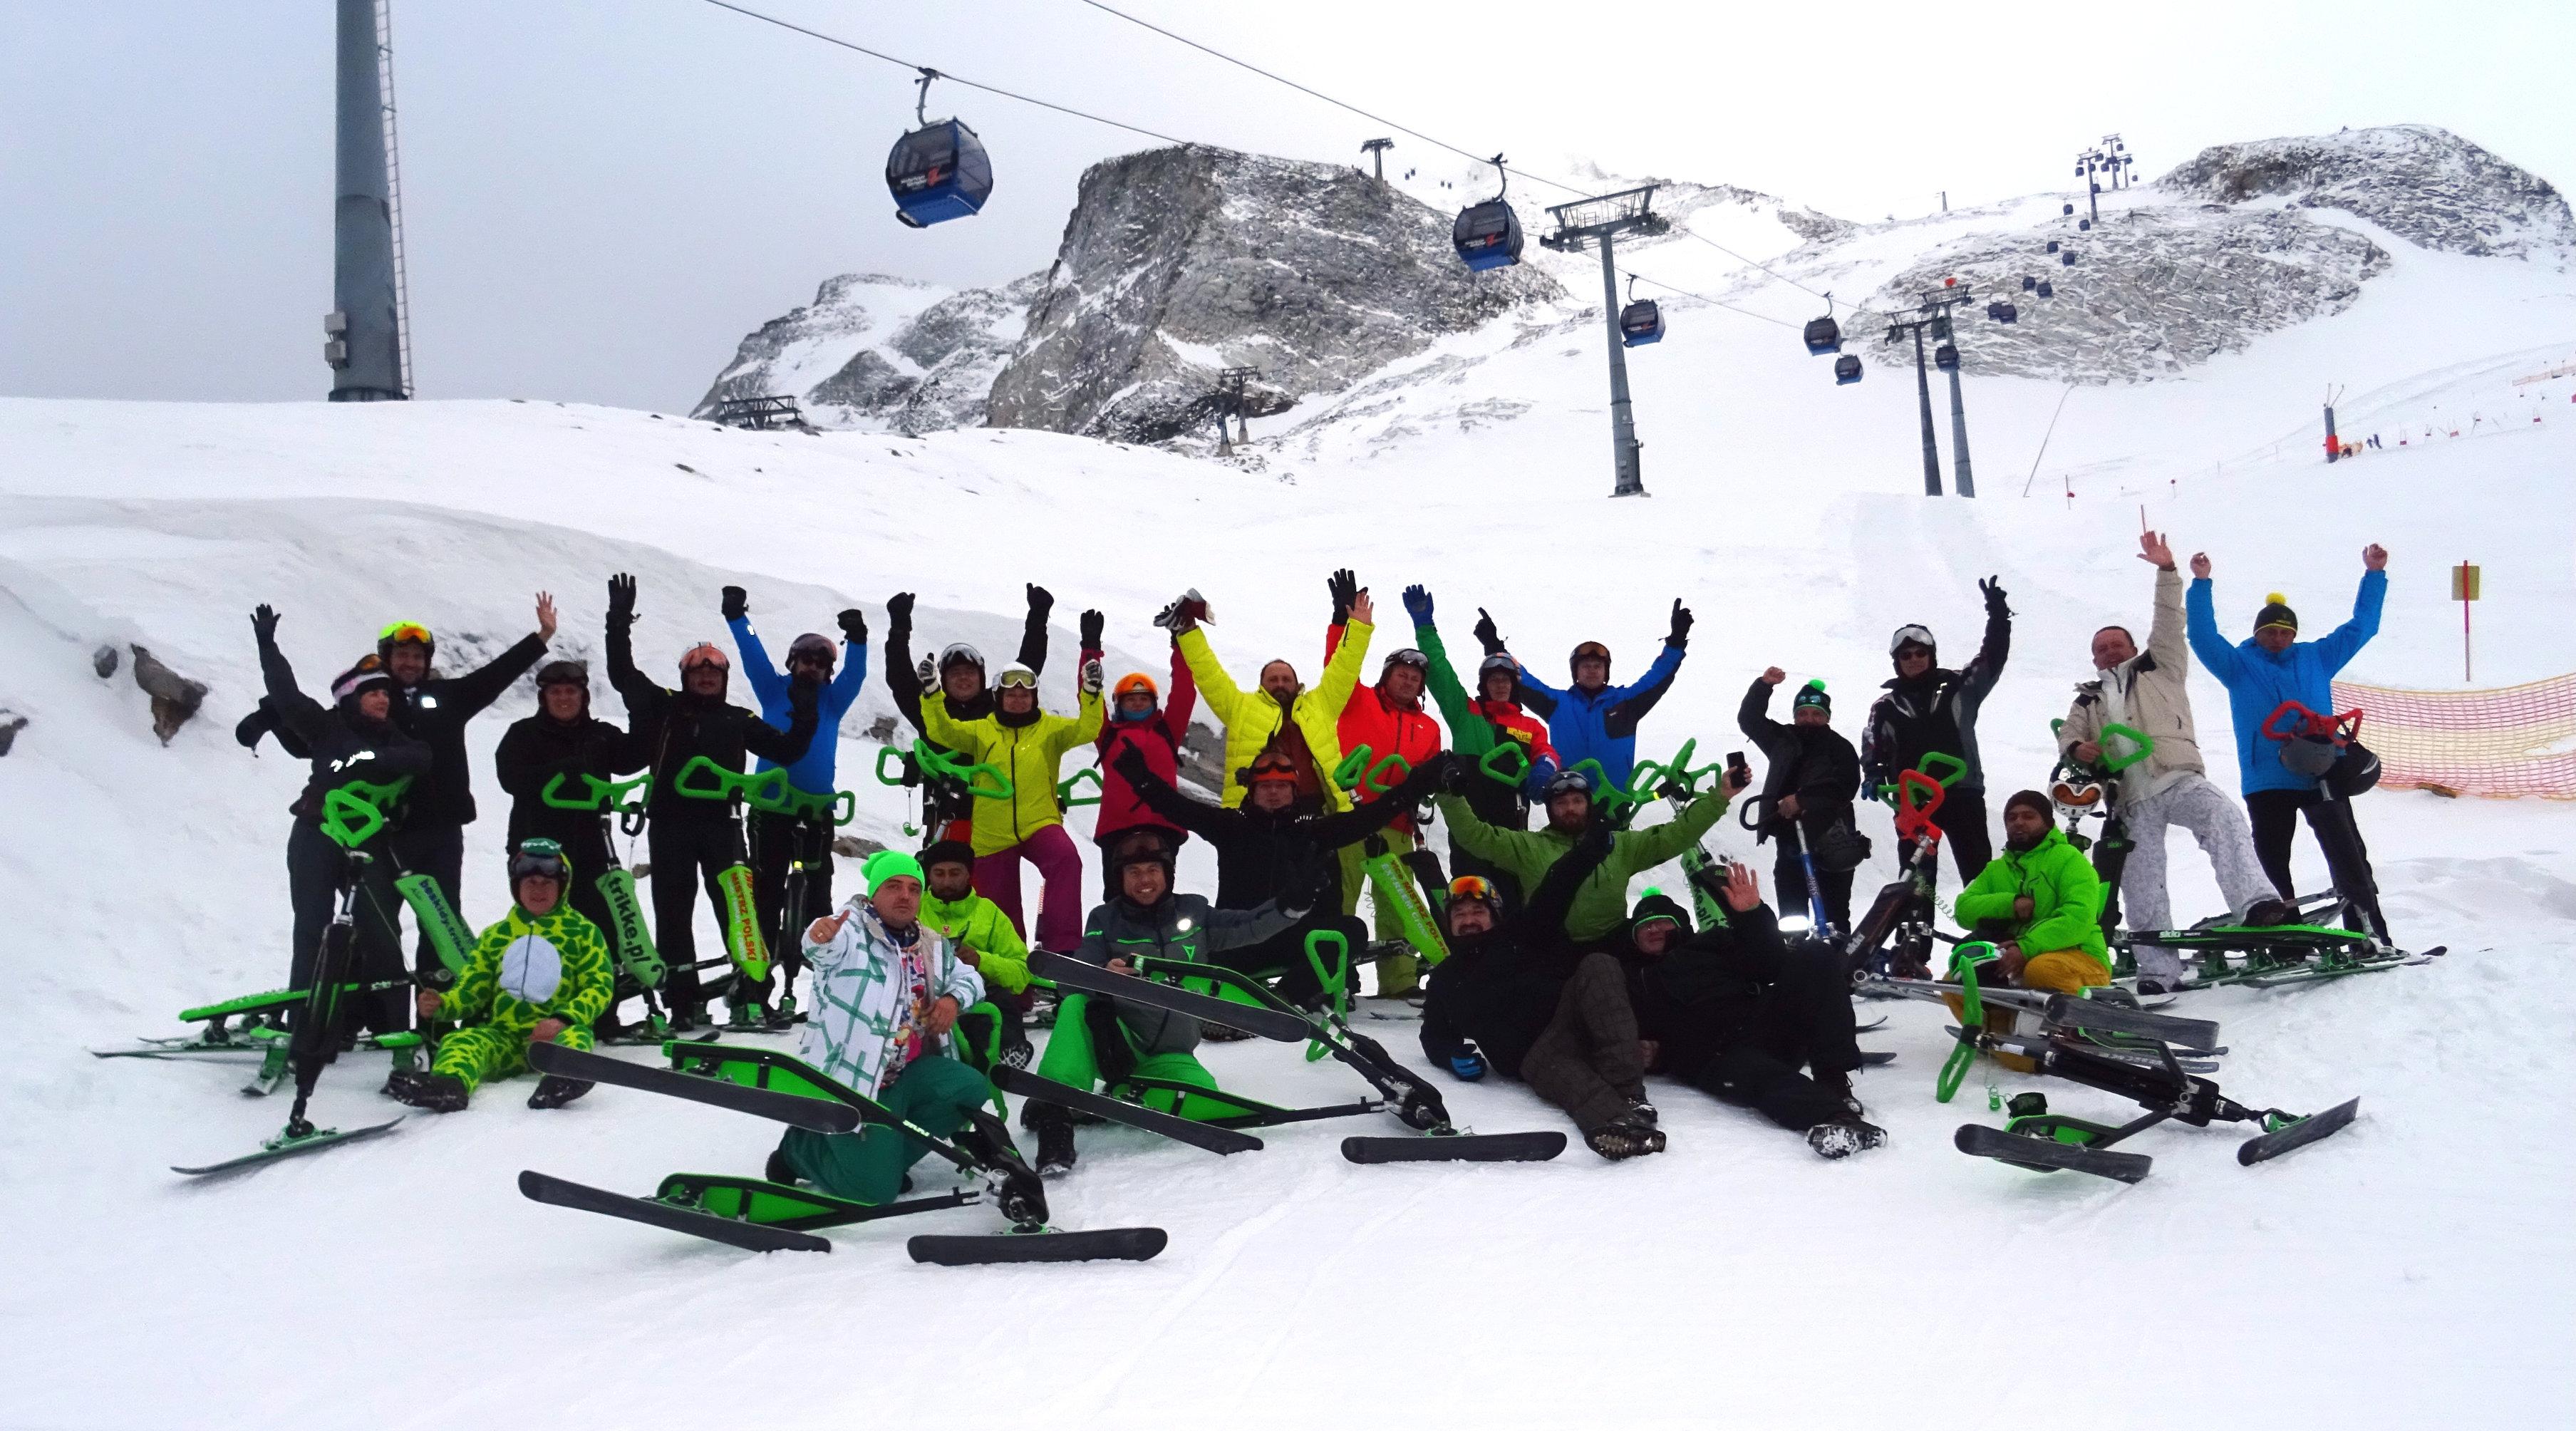 Zaproszenie na otwarcie sezonu zimowego w Europie Skki Trikke– Hinterux 2019